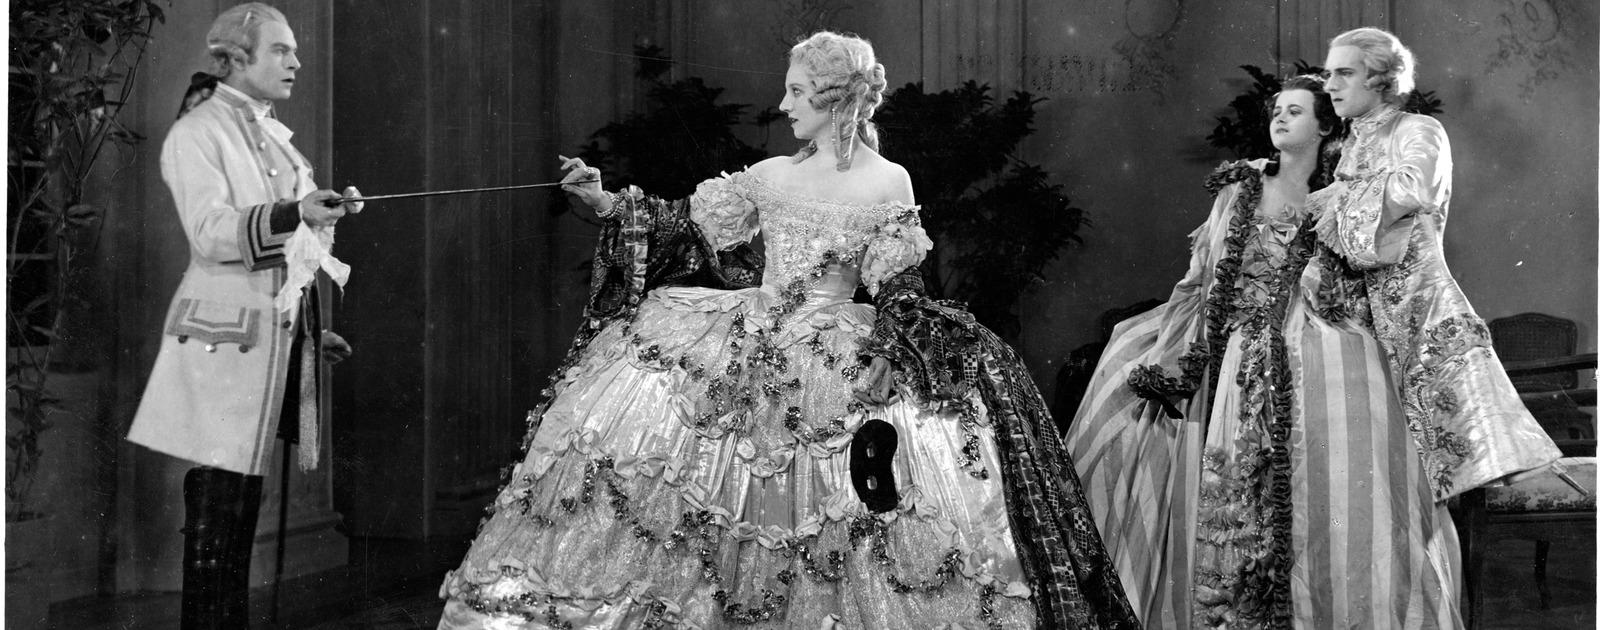 Film Still of Opera, Der Rosenkavalier